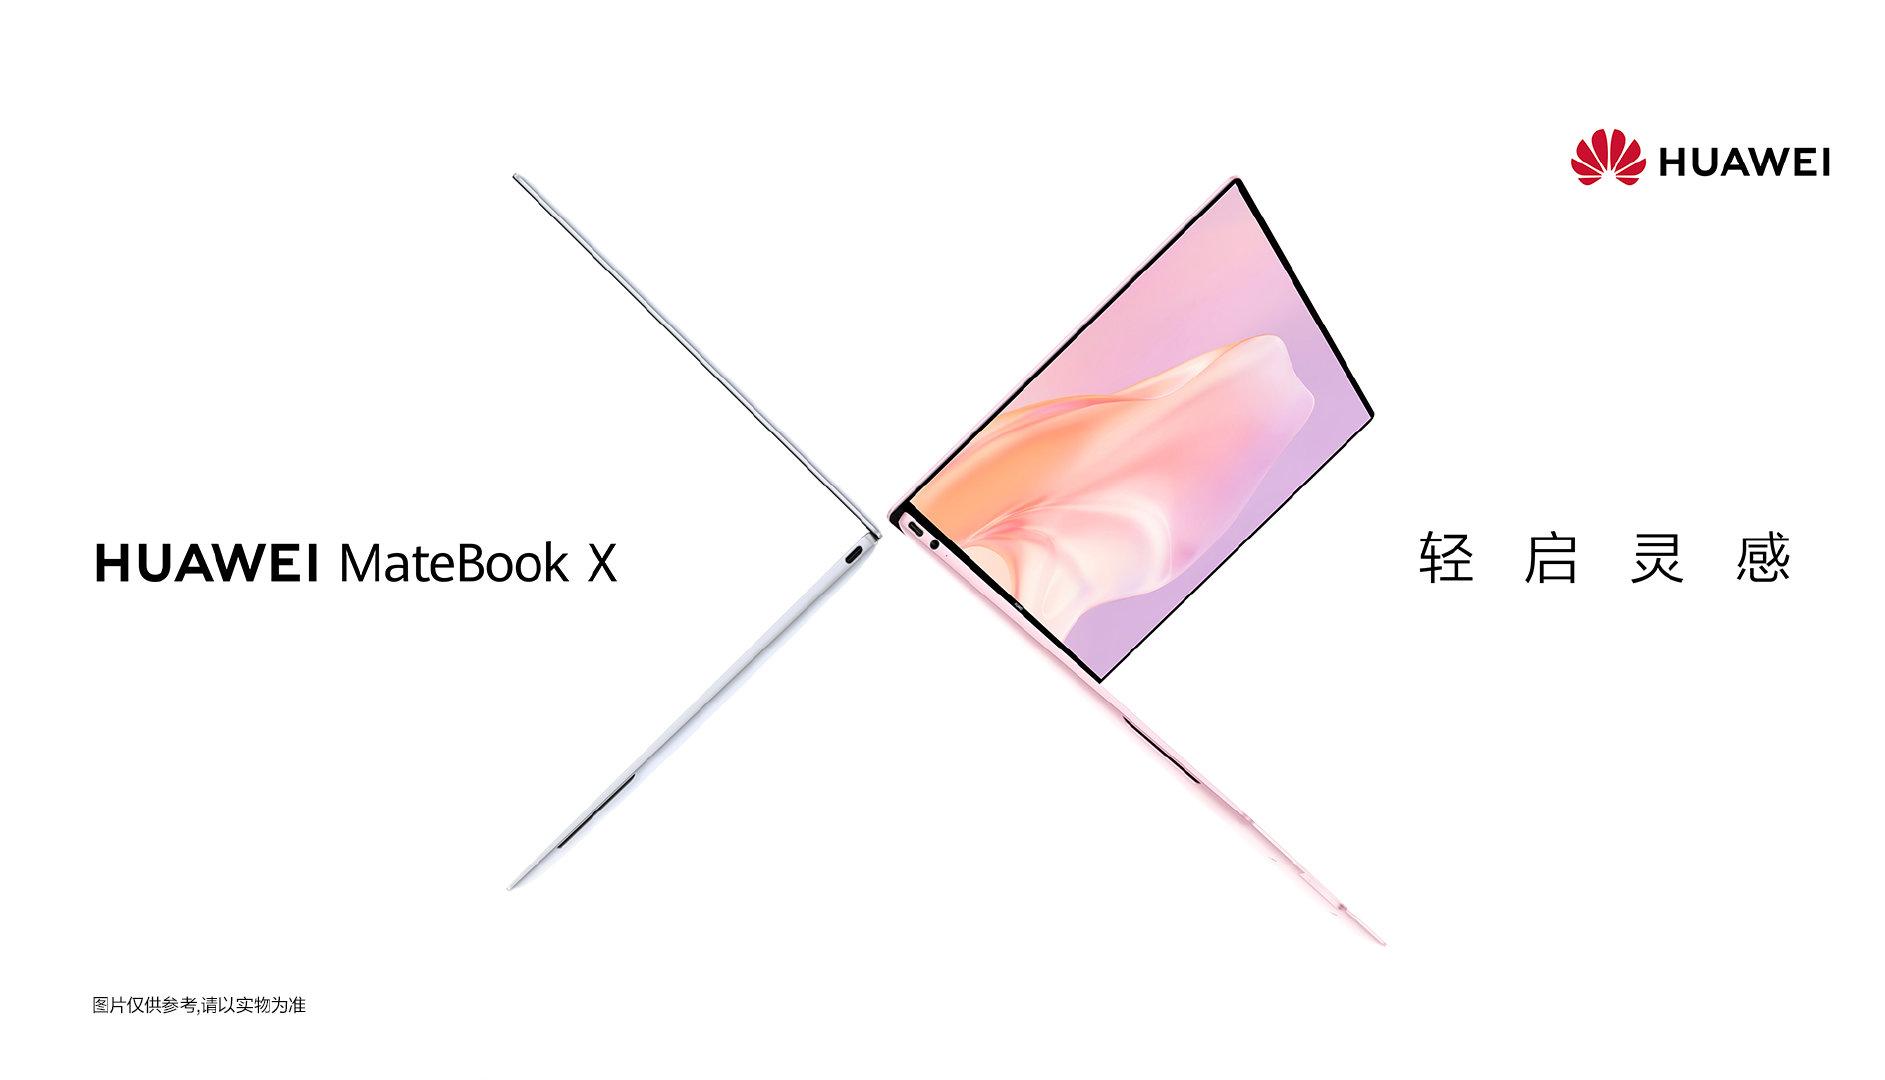 Huawei ra mắt MateBook X cao cấp: Mỏng nhẹ hơn MacBook Air, màn hình cảm ứng 3K, Intel thế hệ 10, giá từ 26.8 triệu - Ảnh 1.